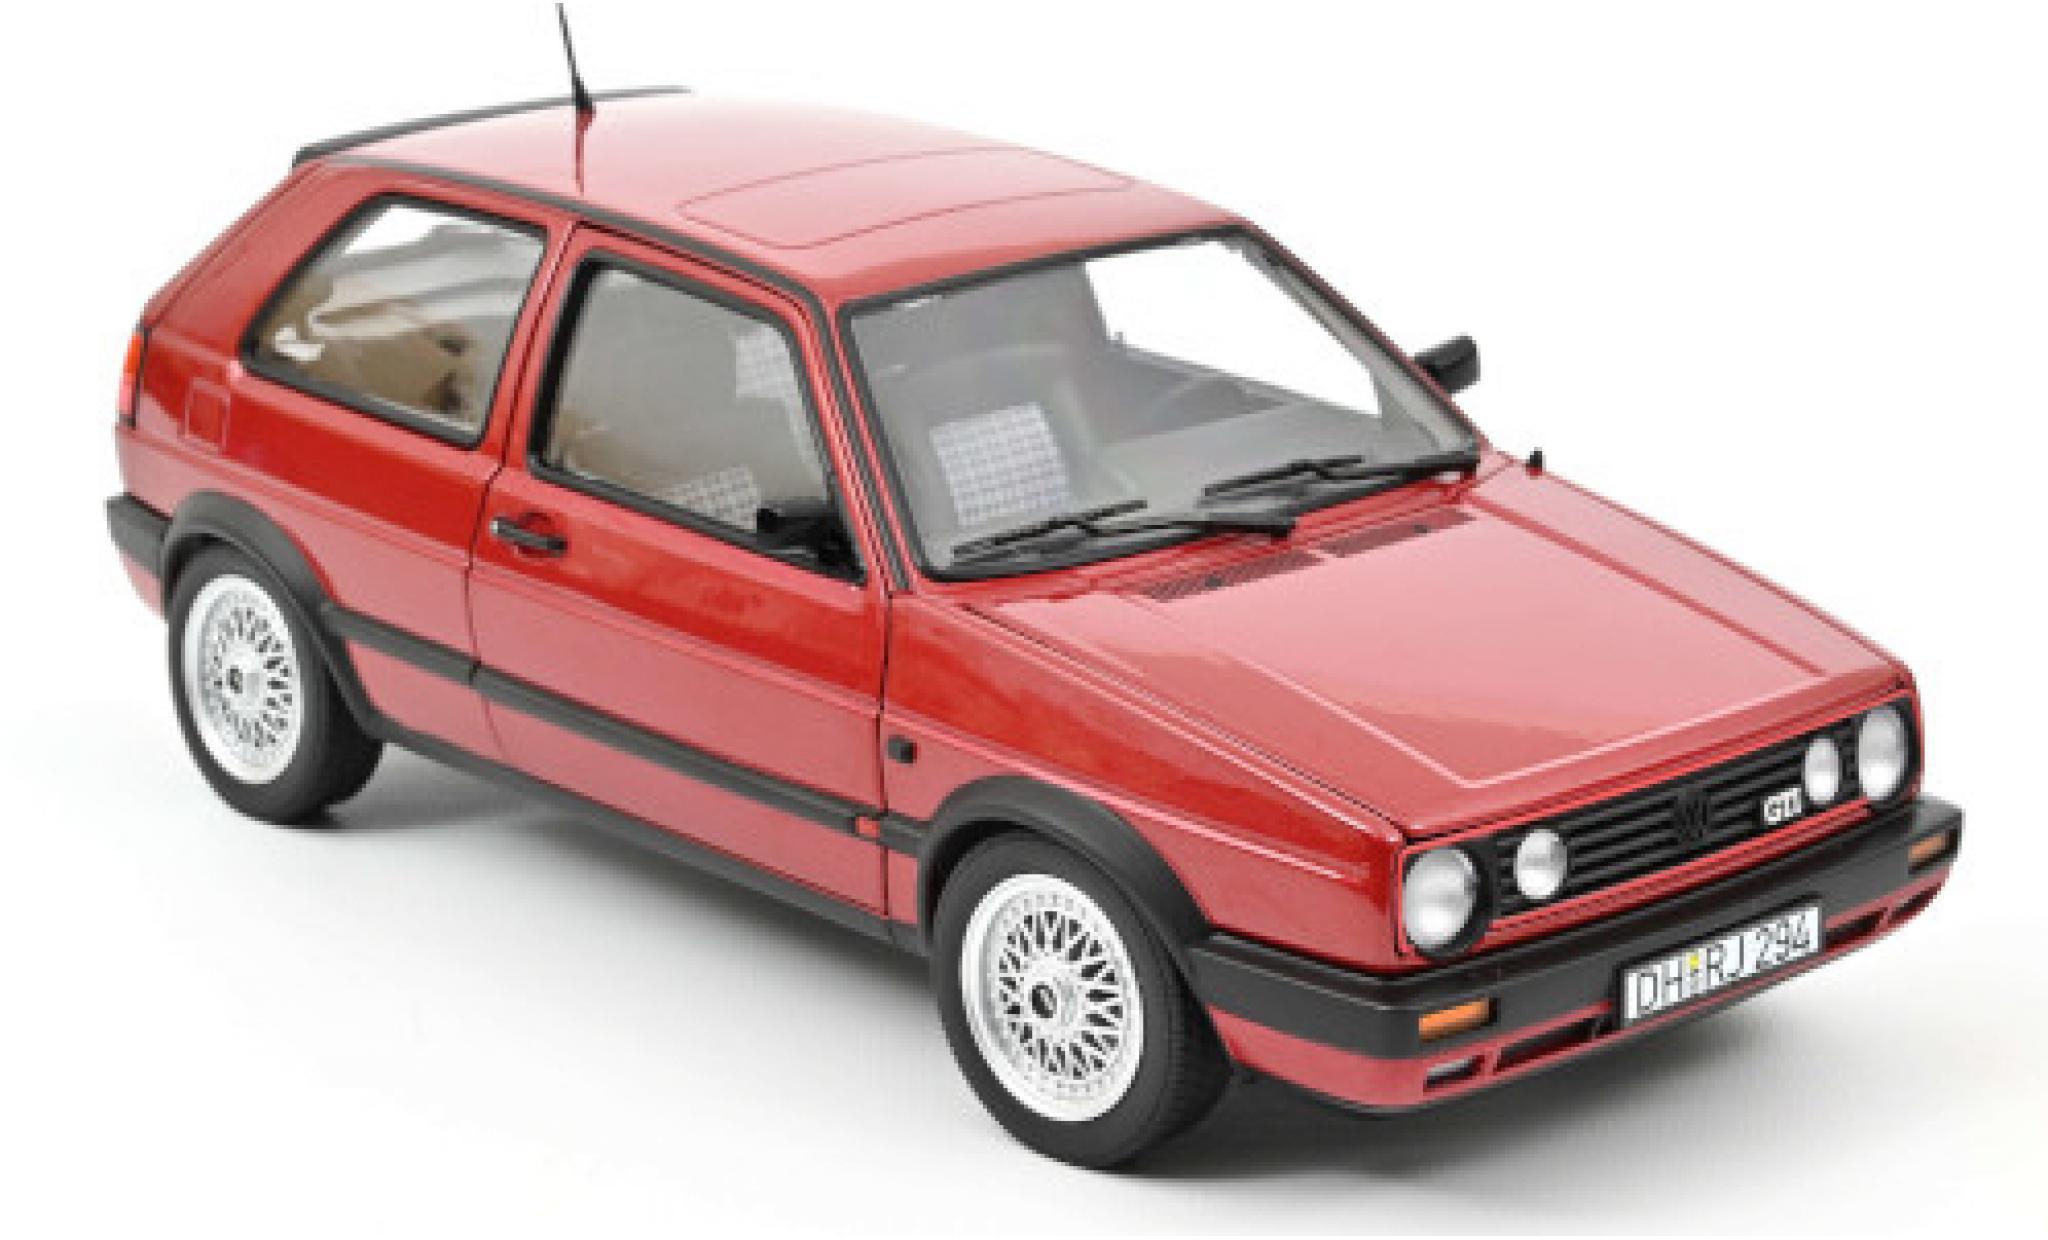 Volkswagen Golf 1/18 Norev II GTI metallise red 1990